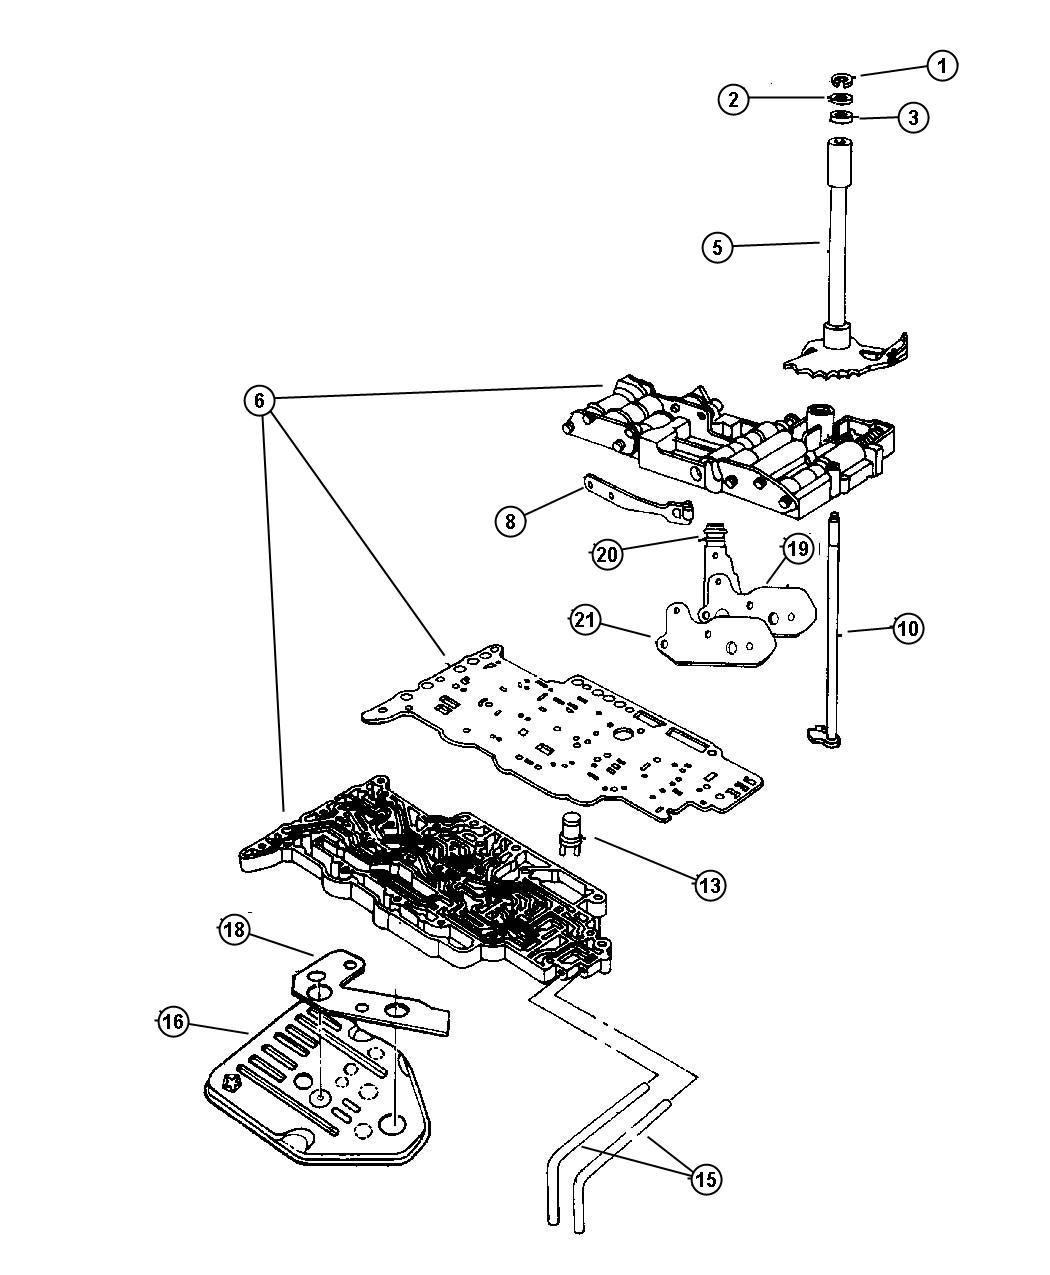 service manual  motor repair manual 1998 dodge neon